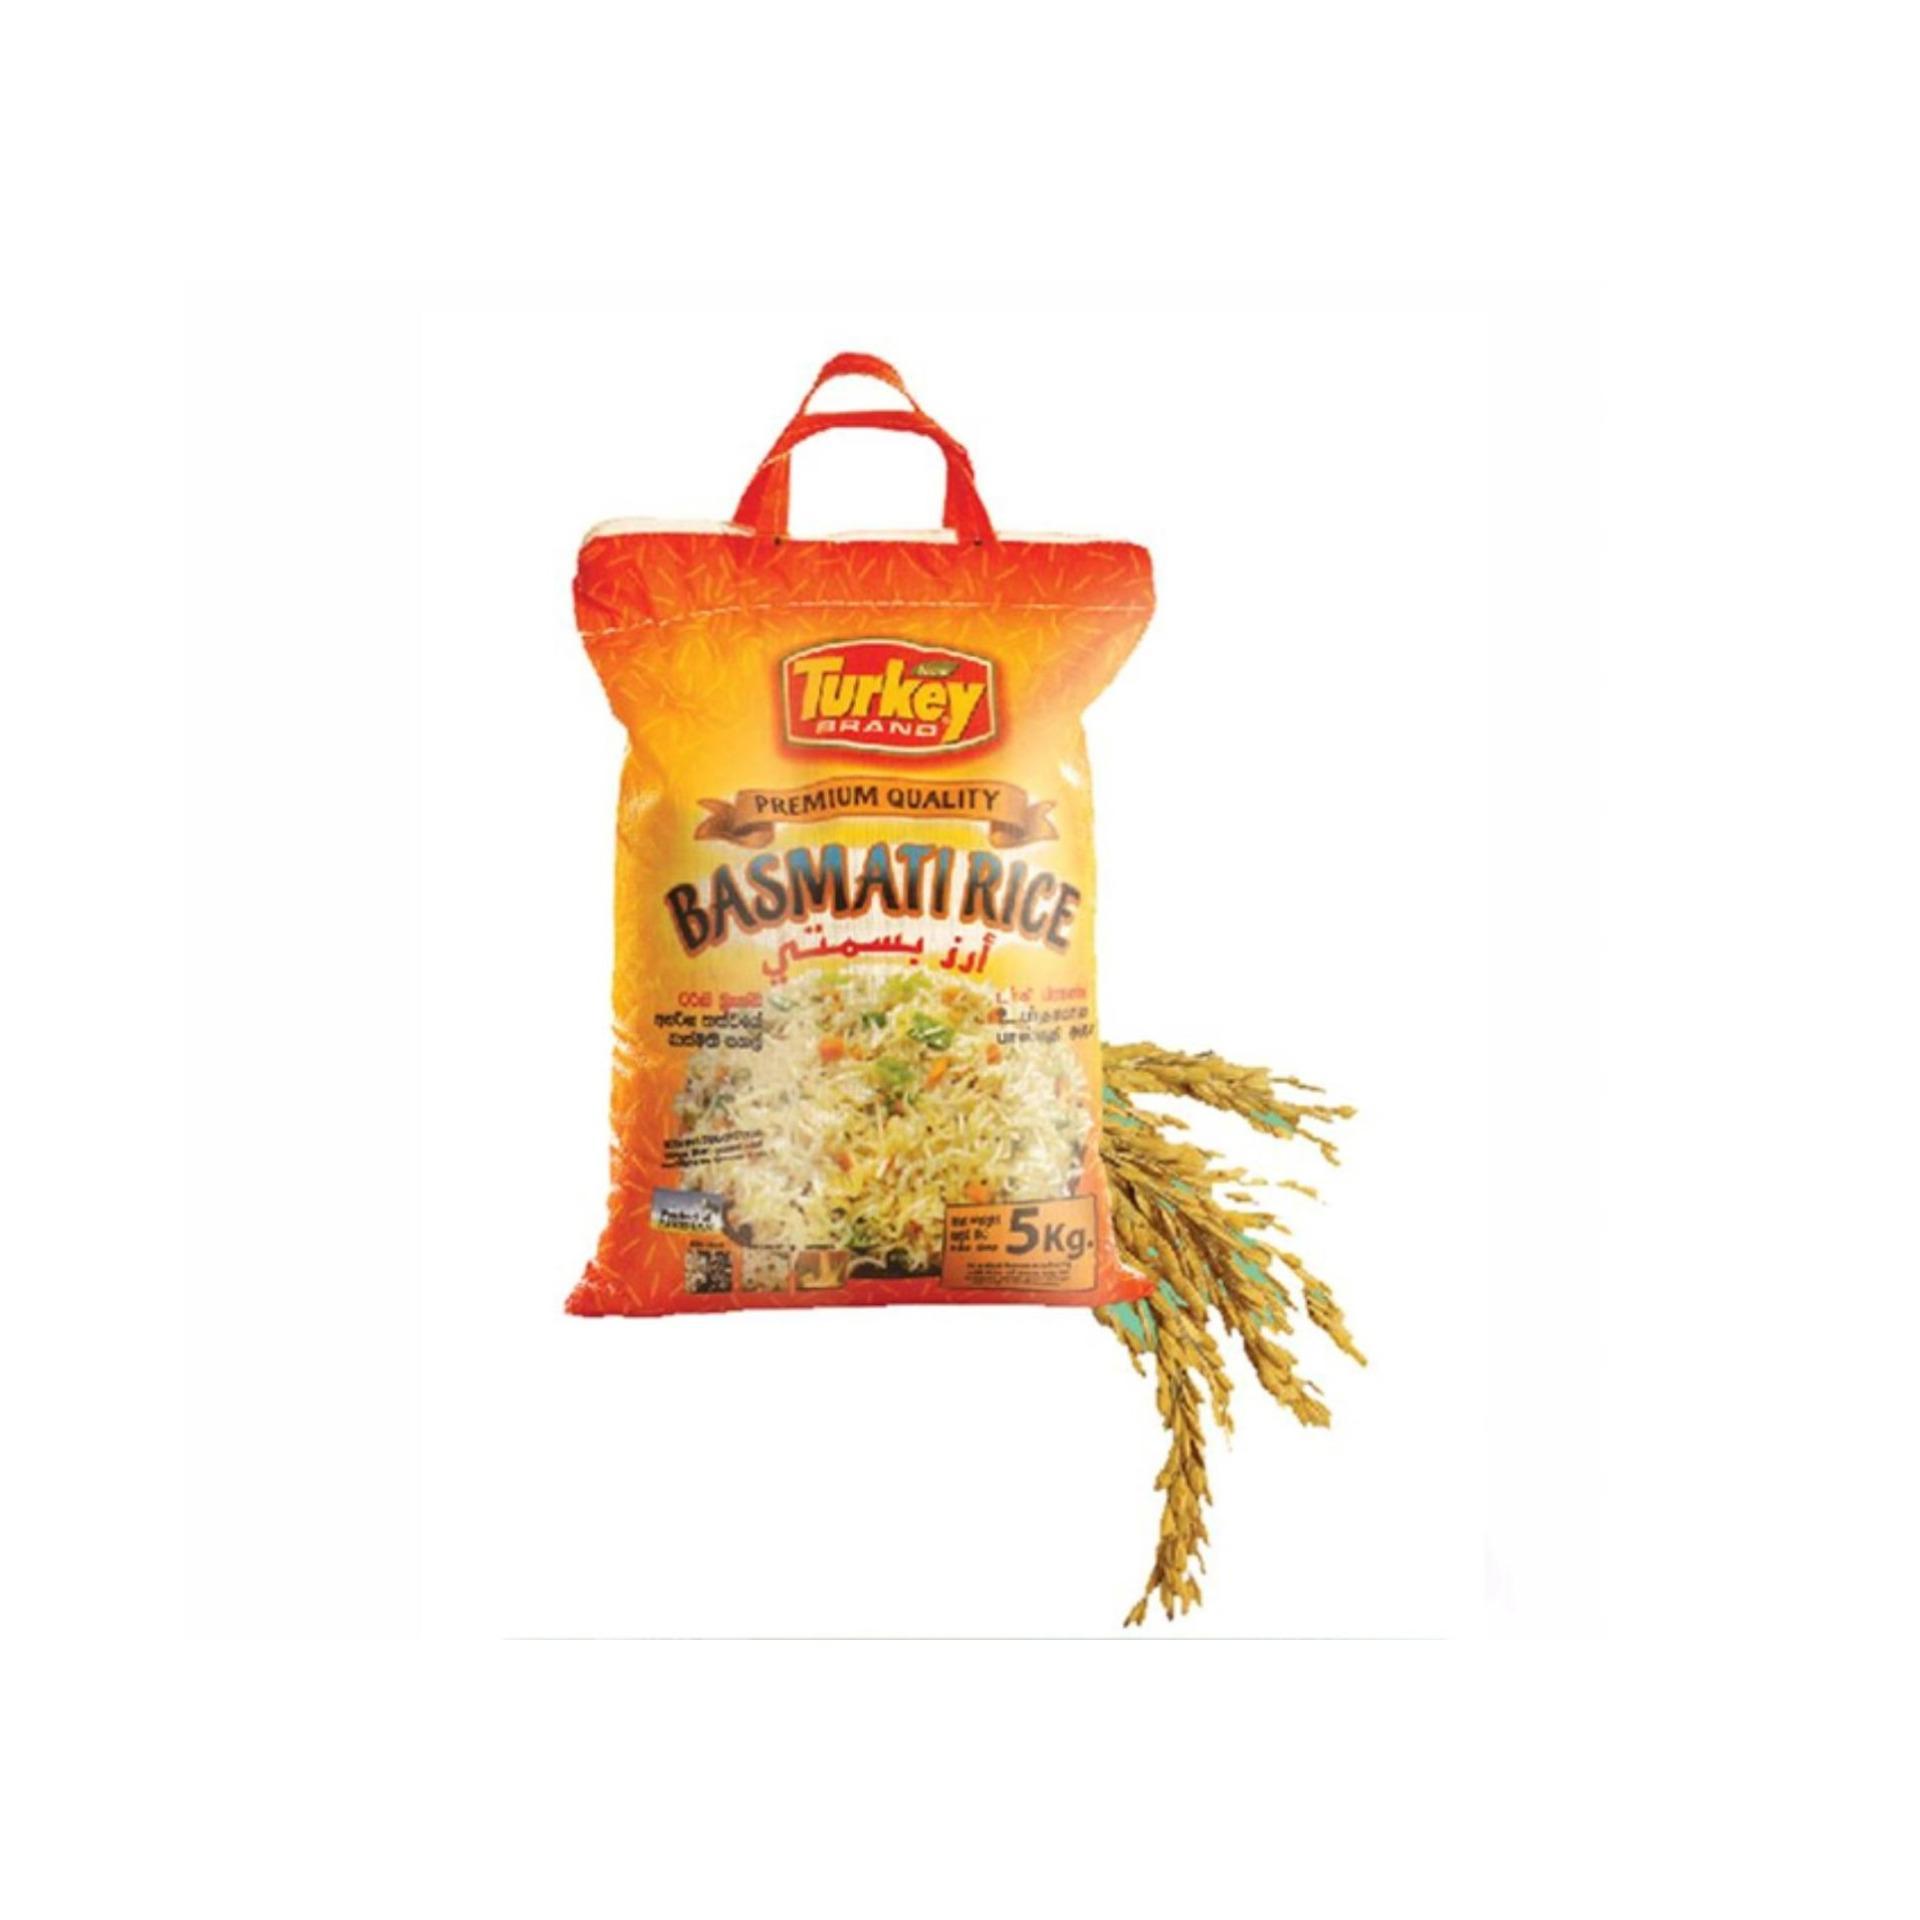 Basmathi Rice - 5Kg